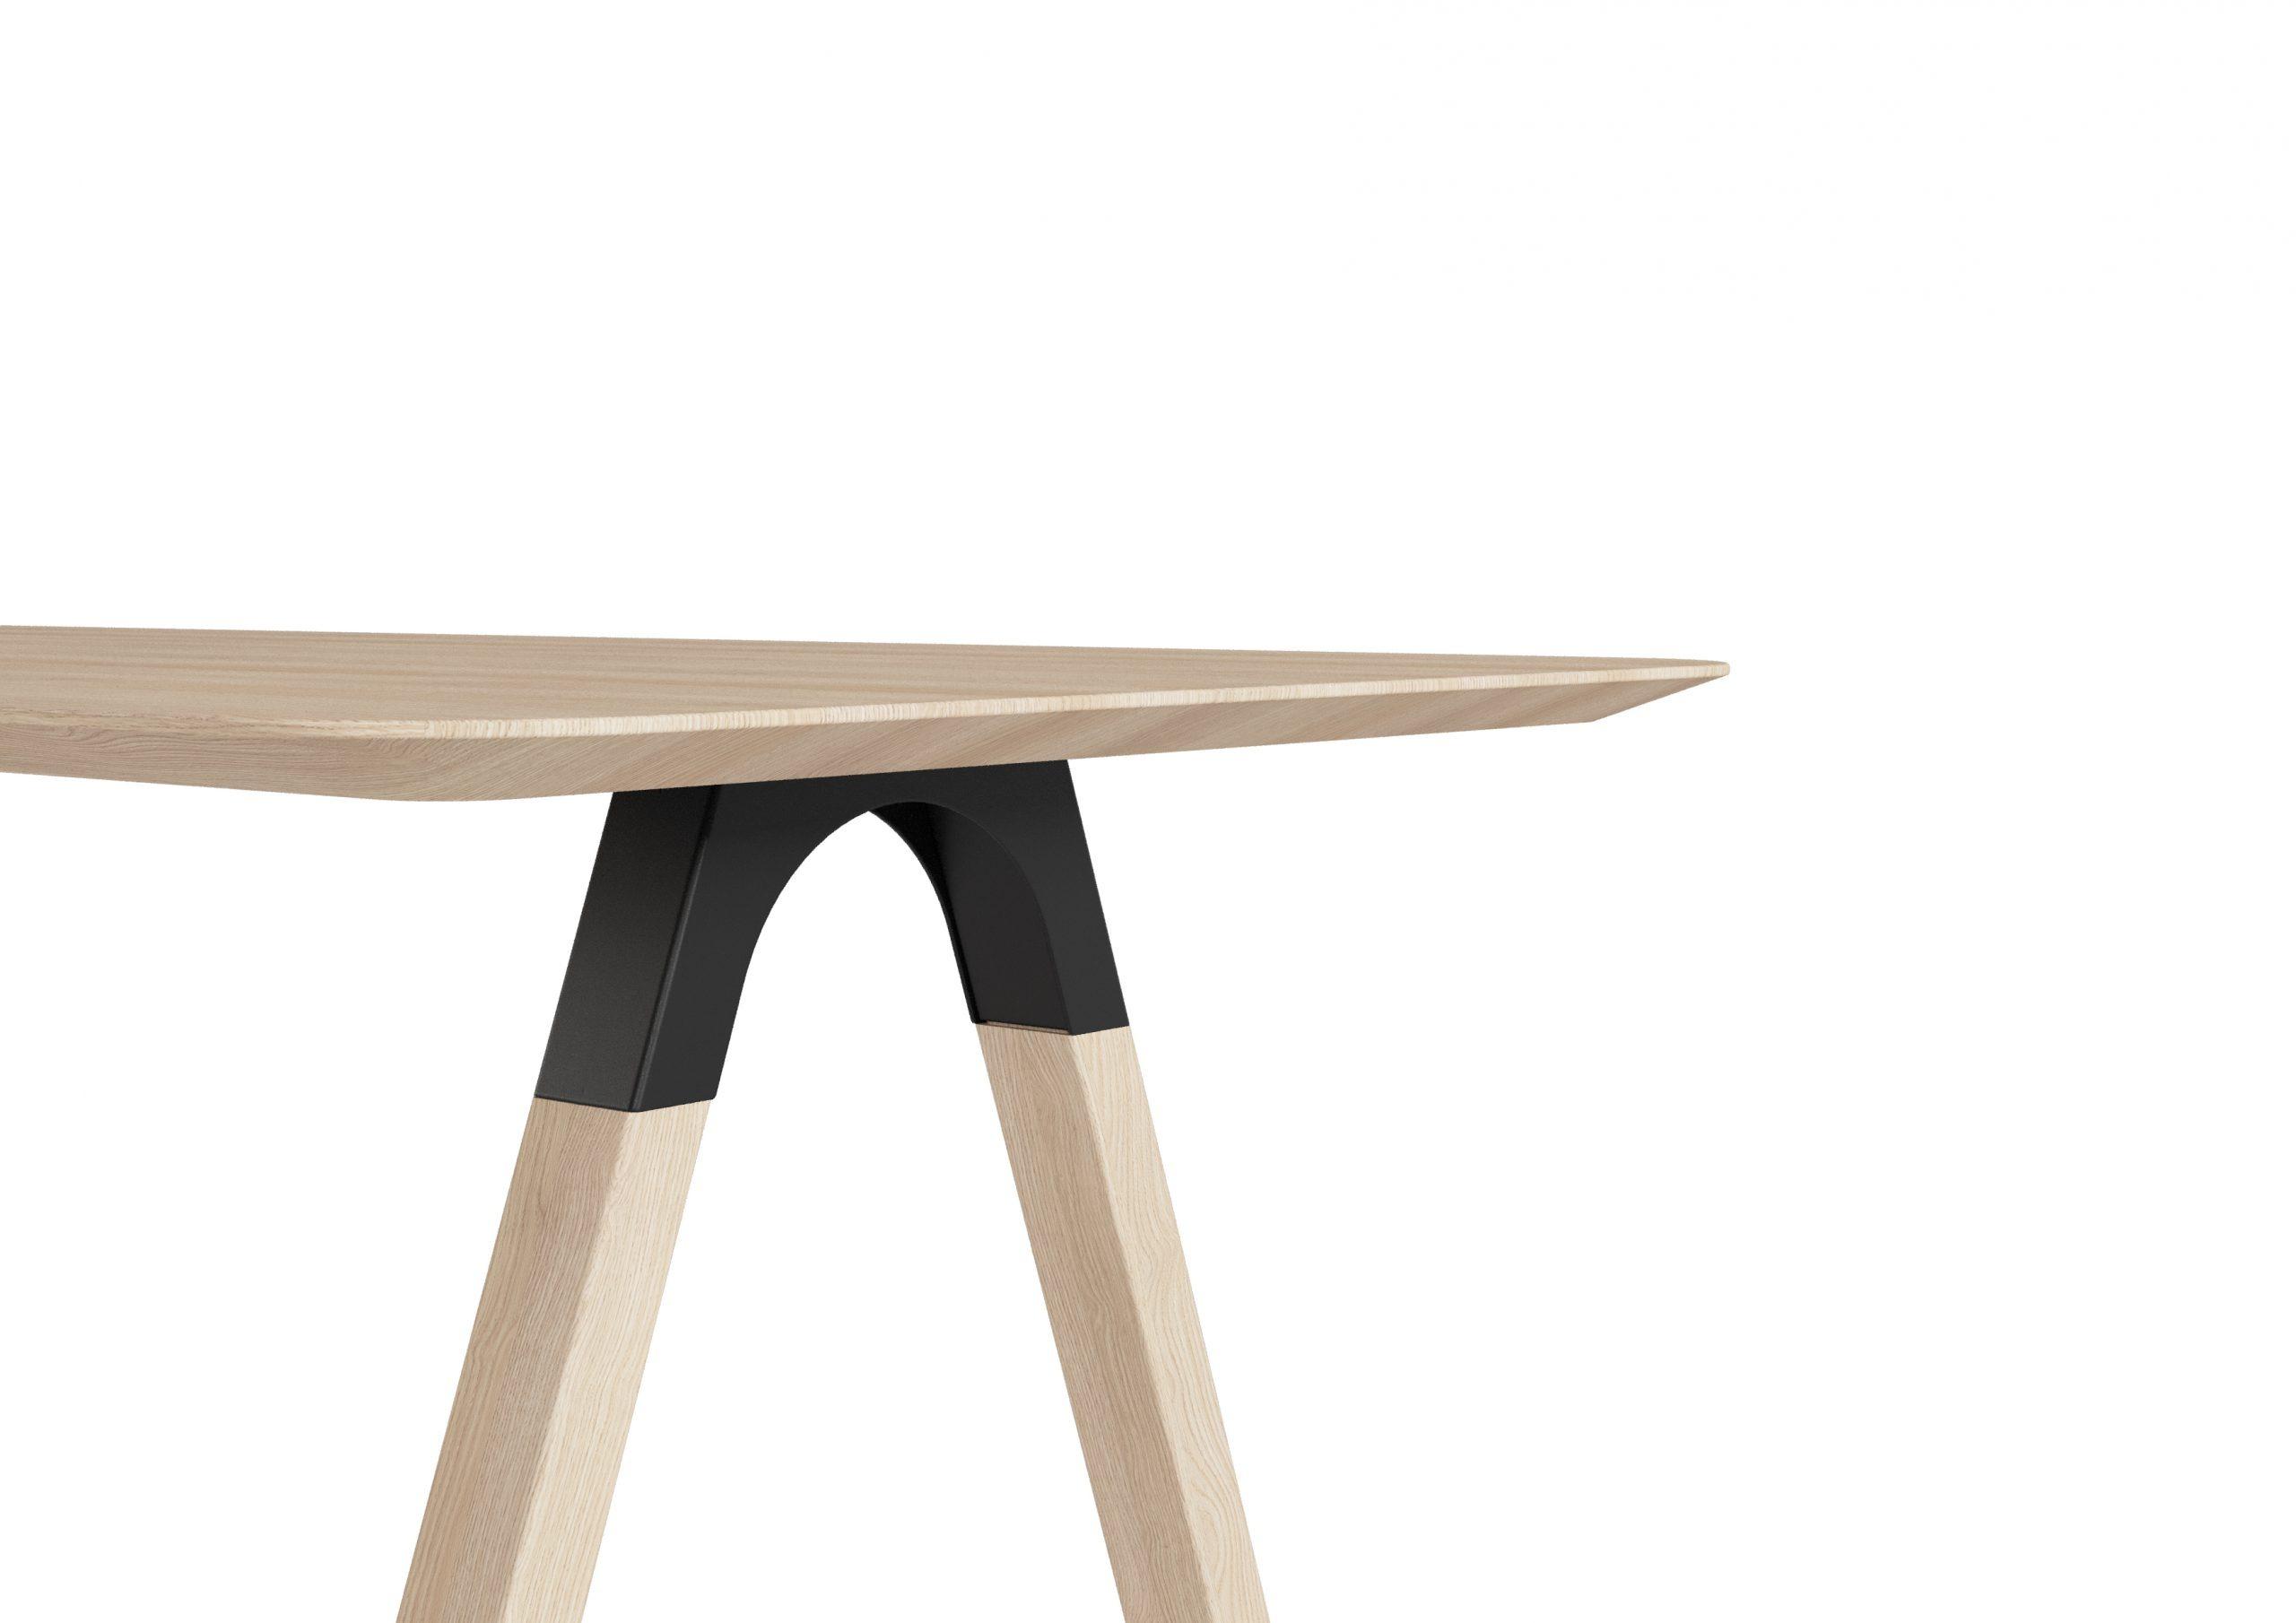 BAS VELLEKOOP_ARC TABLE_DETAIL